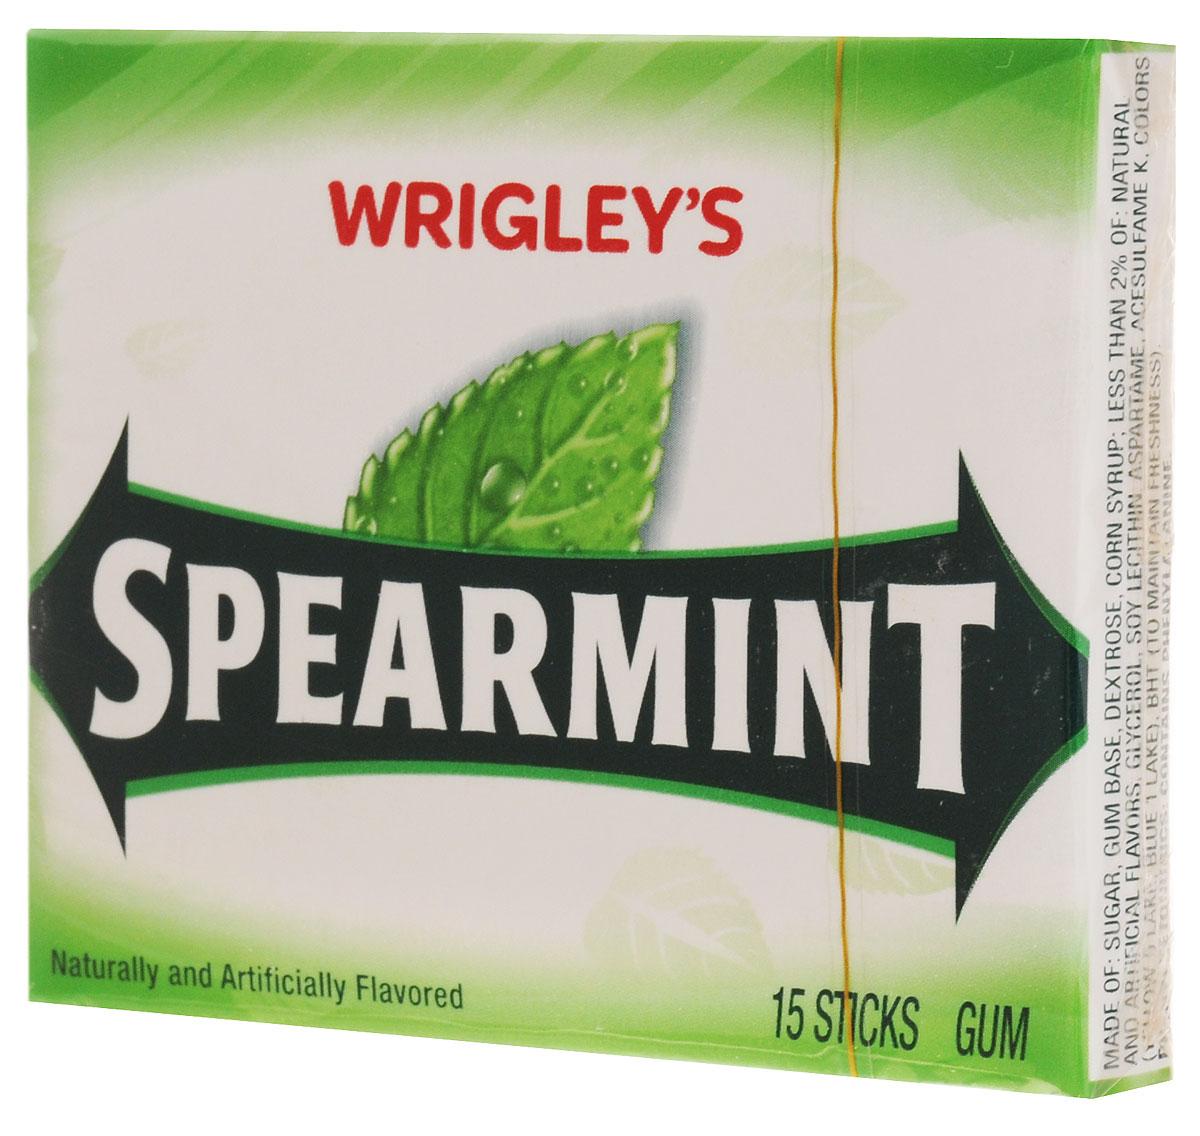 Wrigleys Spearmint жевательная резинка, 40,5 г226650Классическая жевательная резинка Wrigleys Spearmint. Великолепный мятный вкус дарит свежесть уже более 100 лет.Уважаемые клиенты! Обращаем ваше внимание, что полный перечень состава продукта представлен на дополнительном изображении.